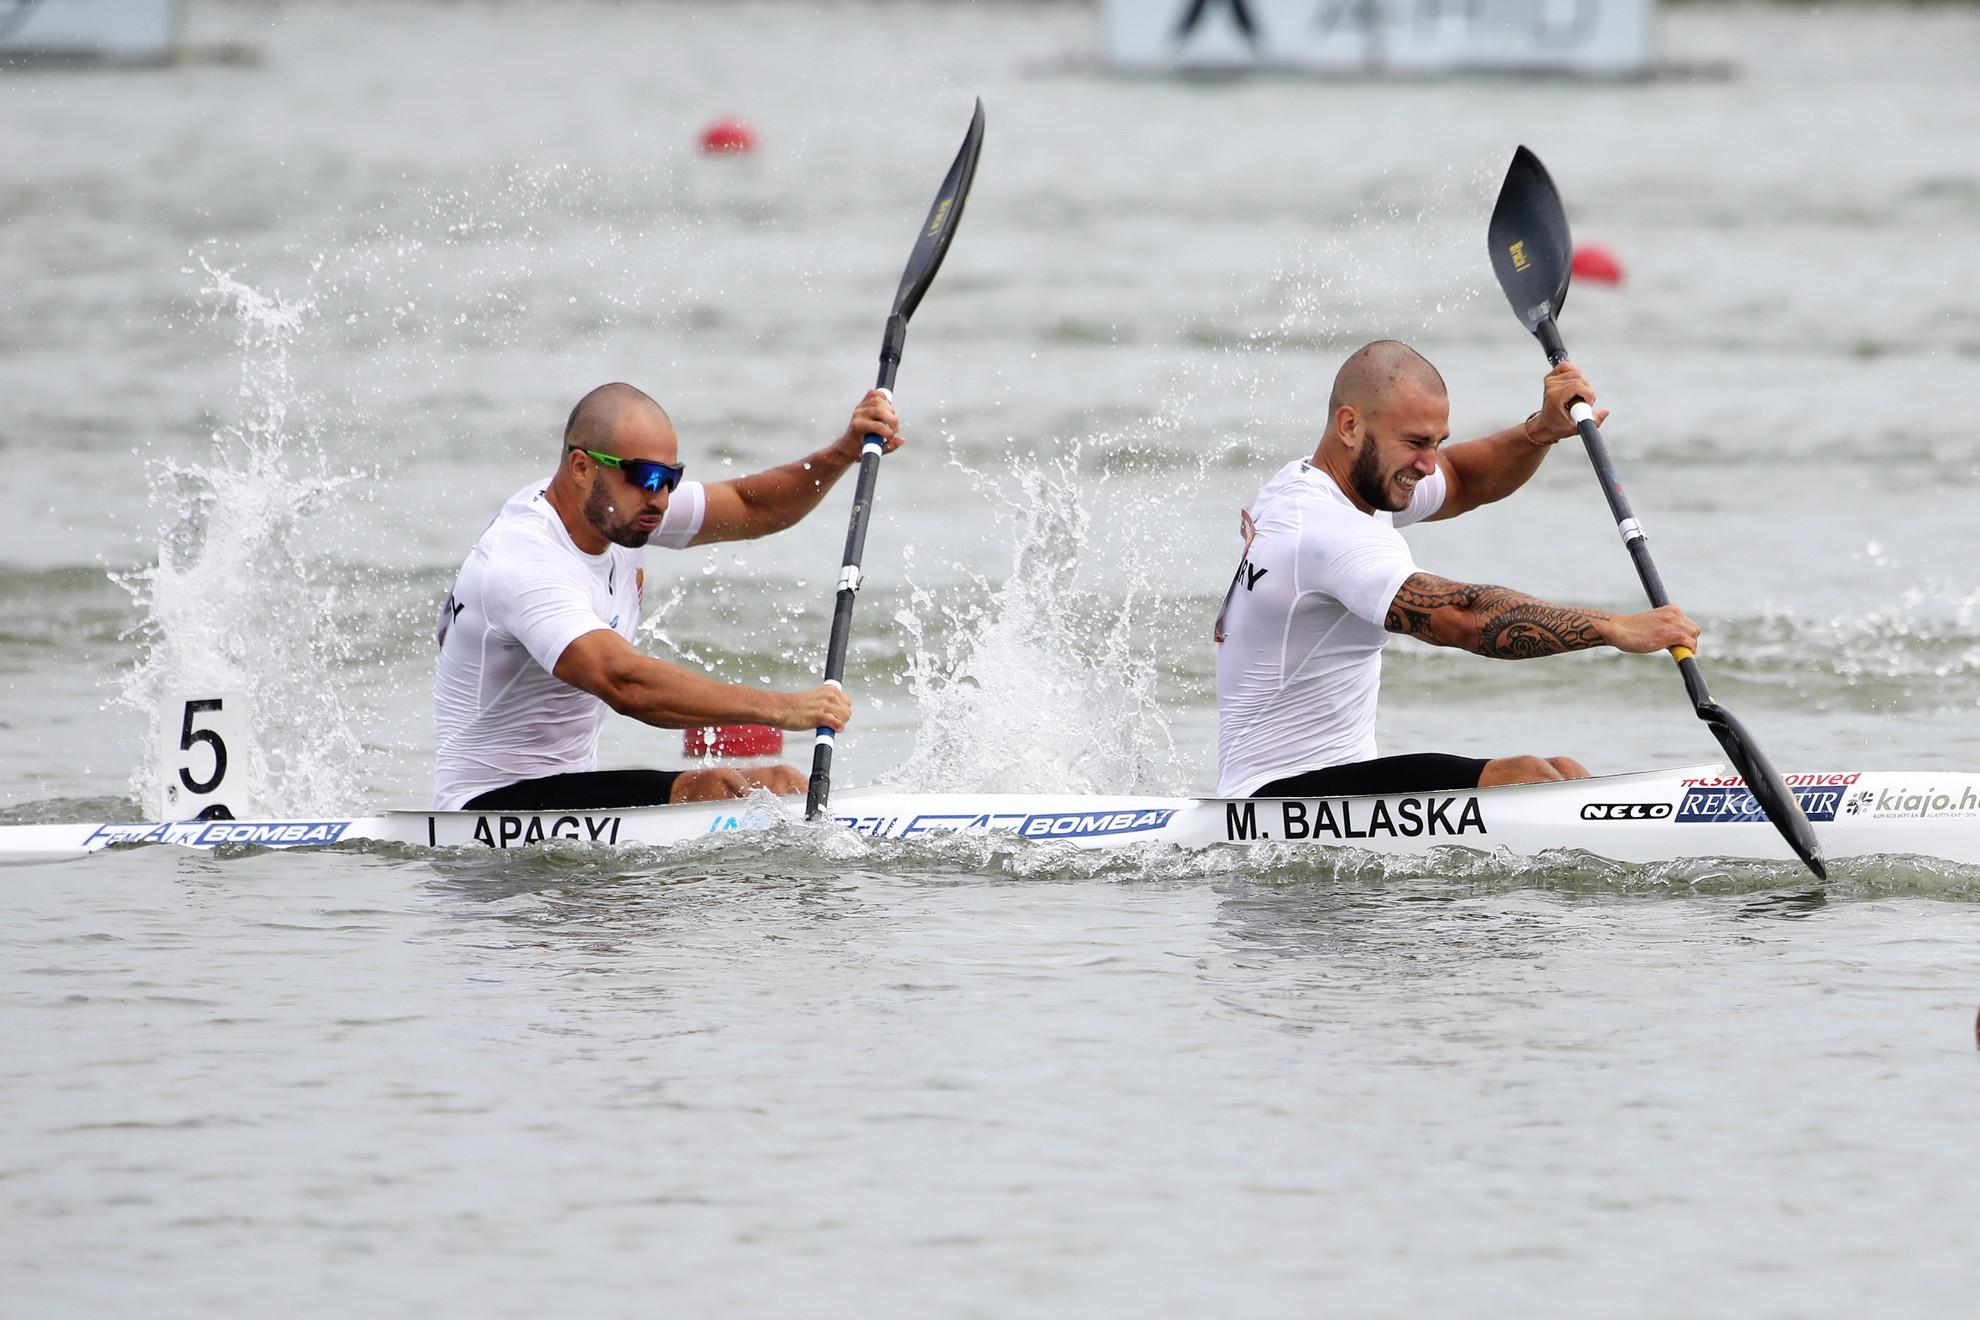 Balaska és Apagyi erős mezőnyben lett harmadik